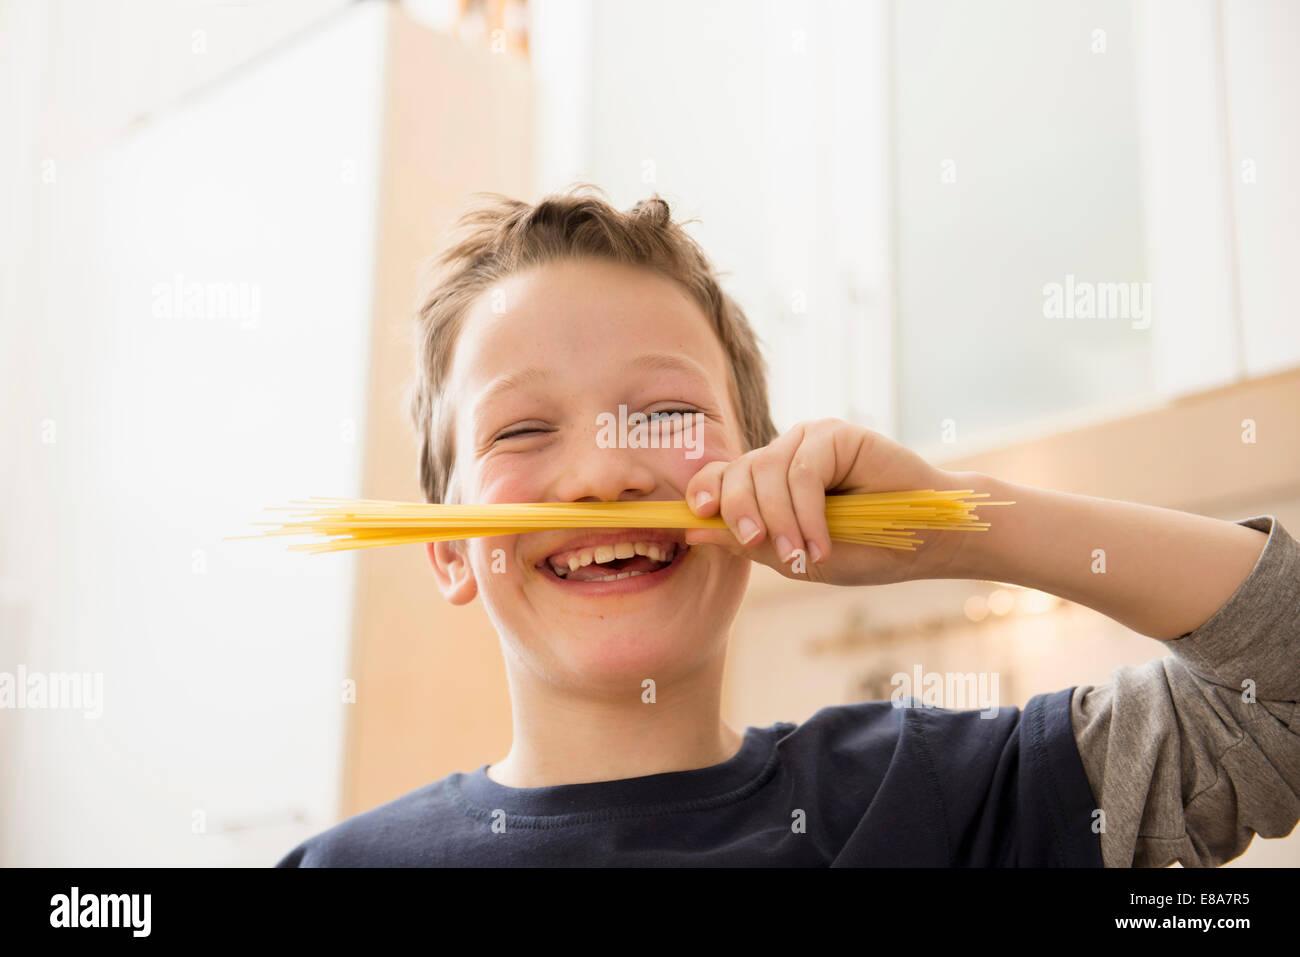 Lächelnde junge Spaghetti unter die Nase halten Stockbild